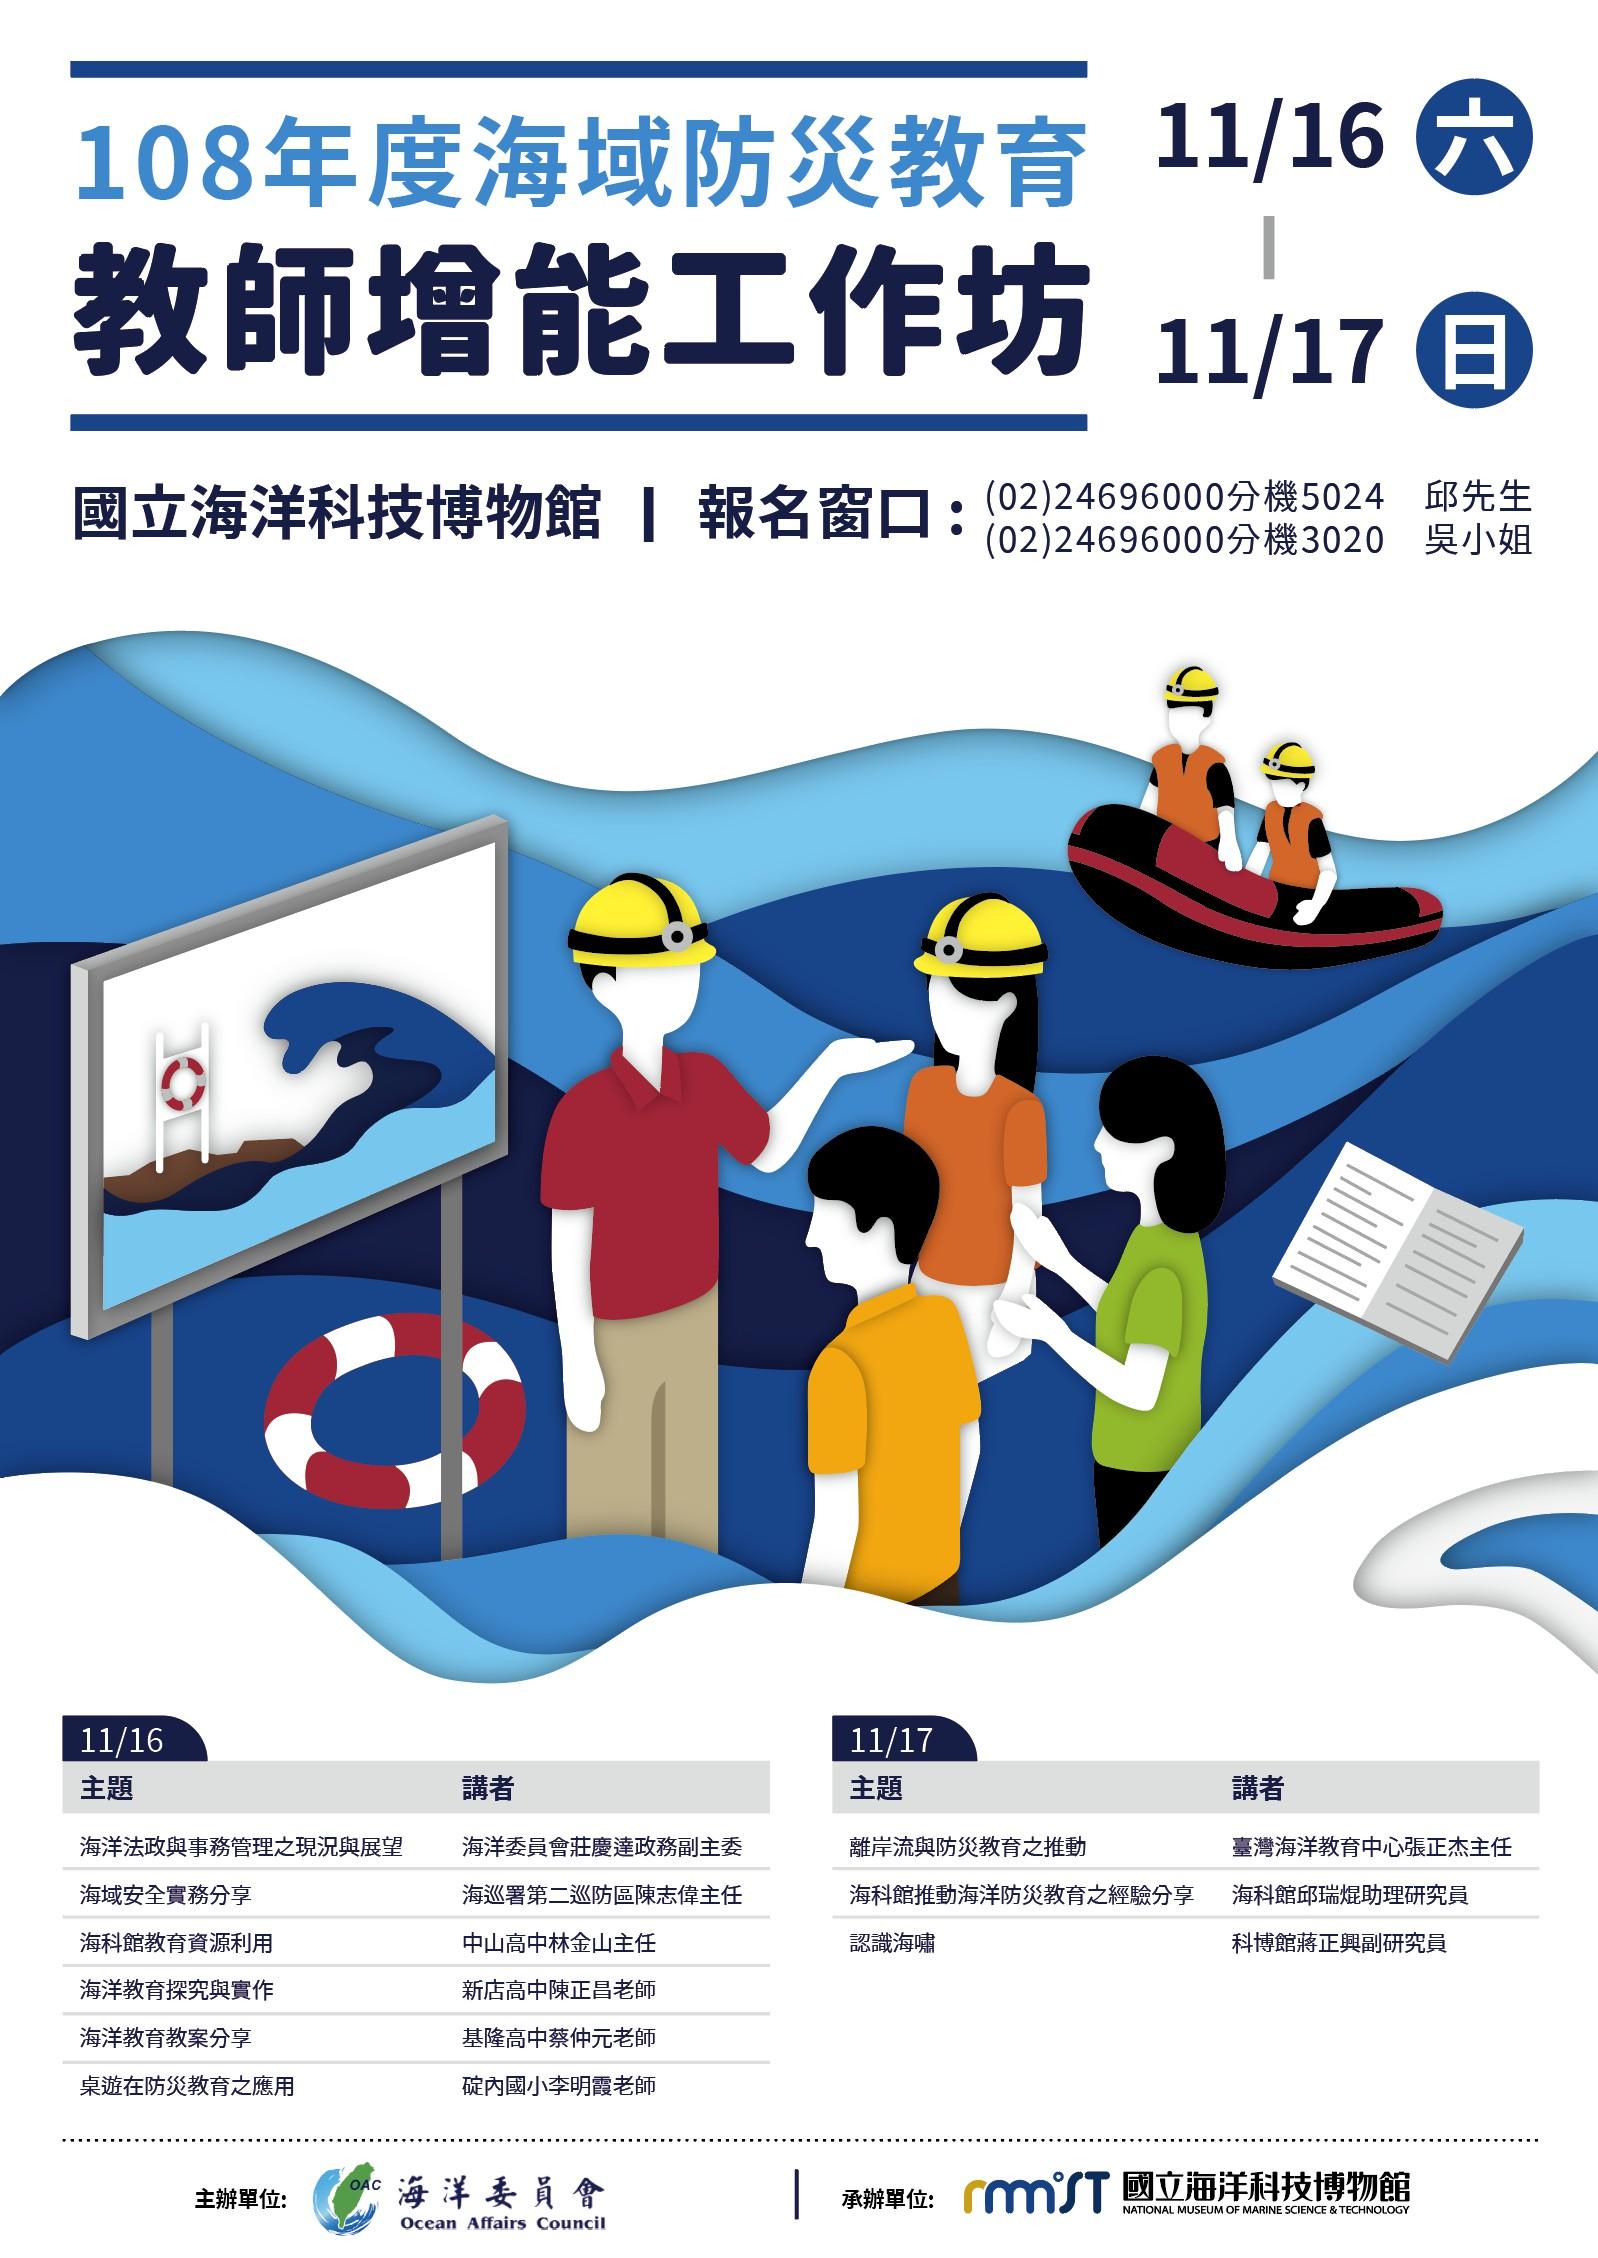 連至【海科館】11/16-11/17海域防災教育教師增能工作坊免費參加,開放熱烈報名中。